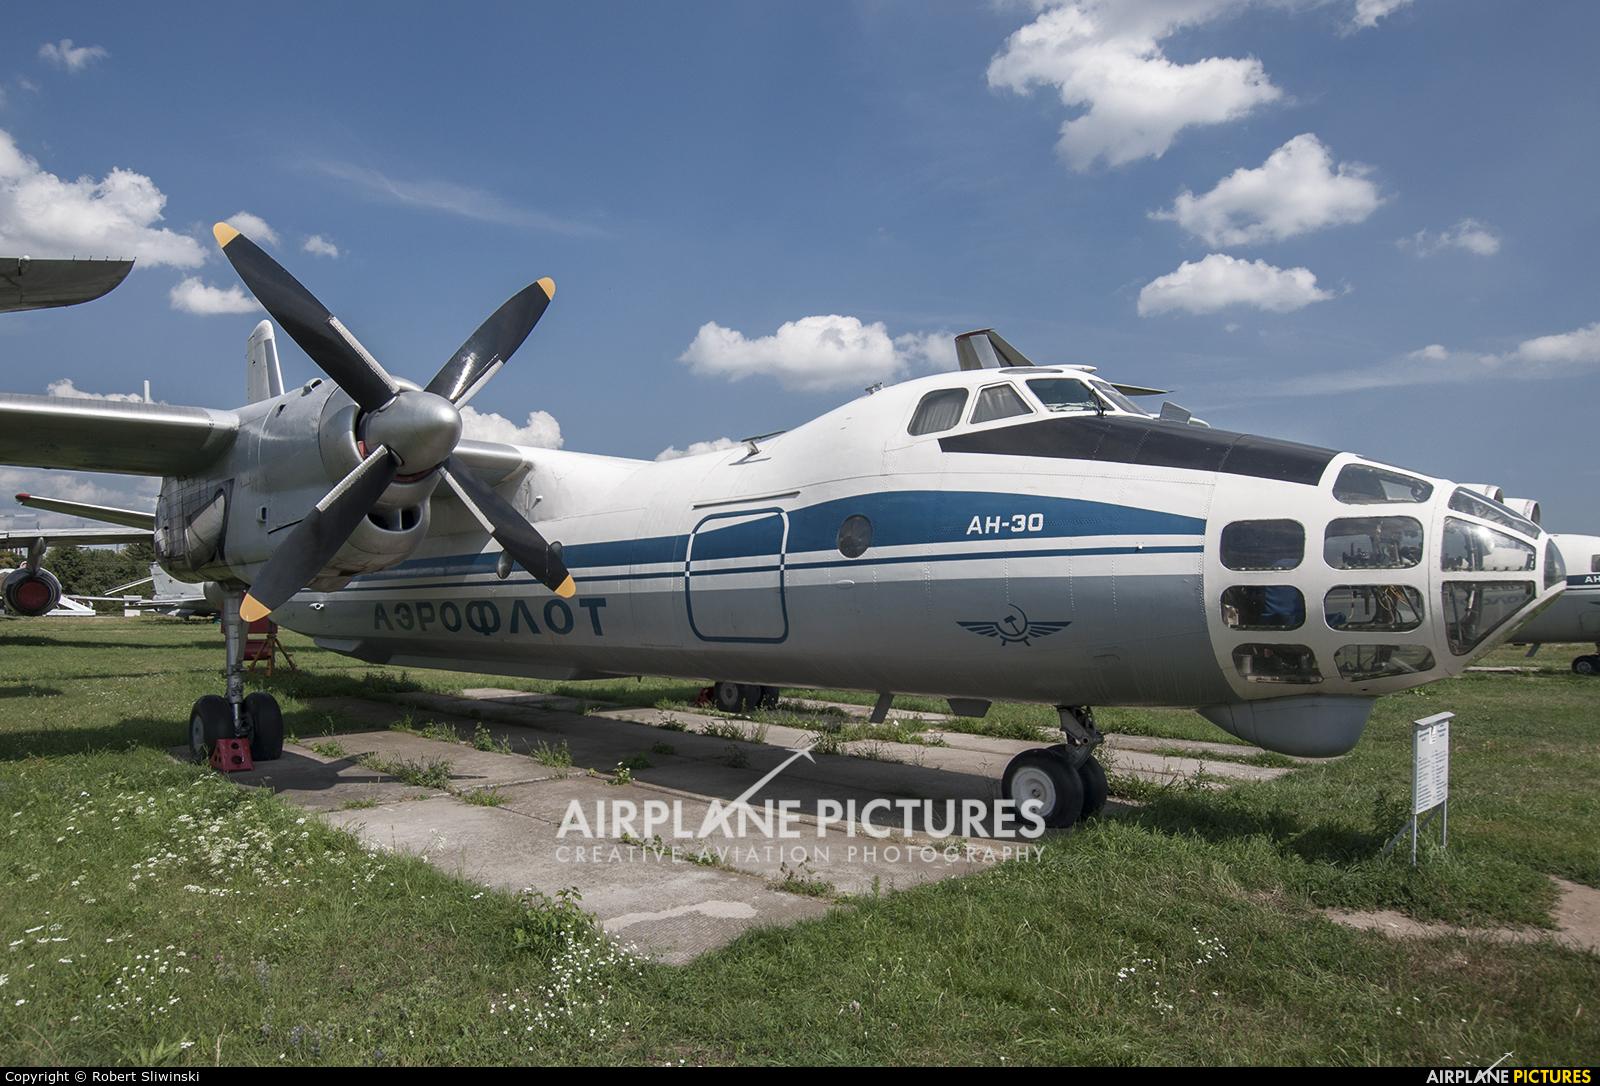 Aeroflot CCCP-30005 aircraft at Kyiv - Zhulyany